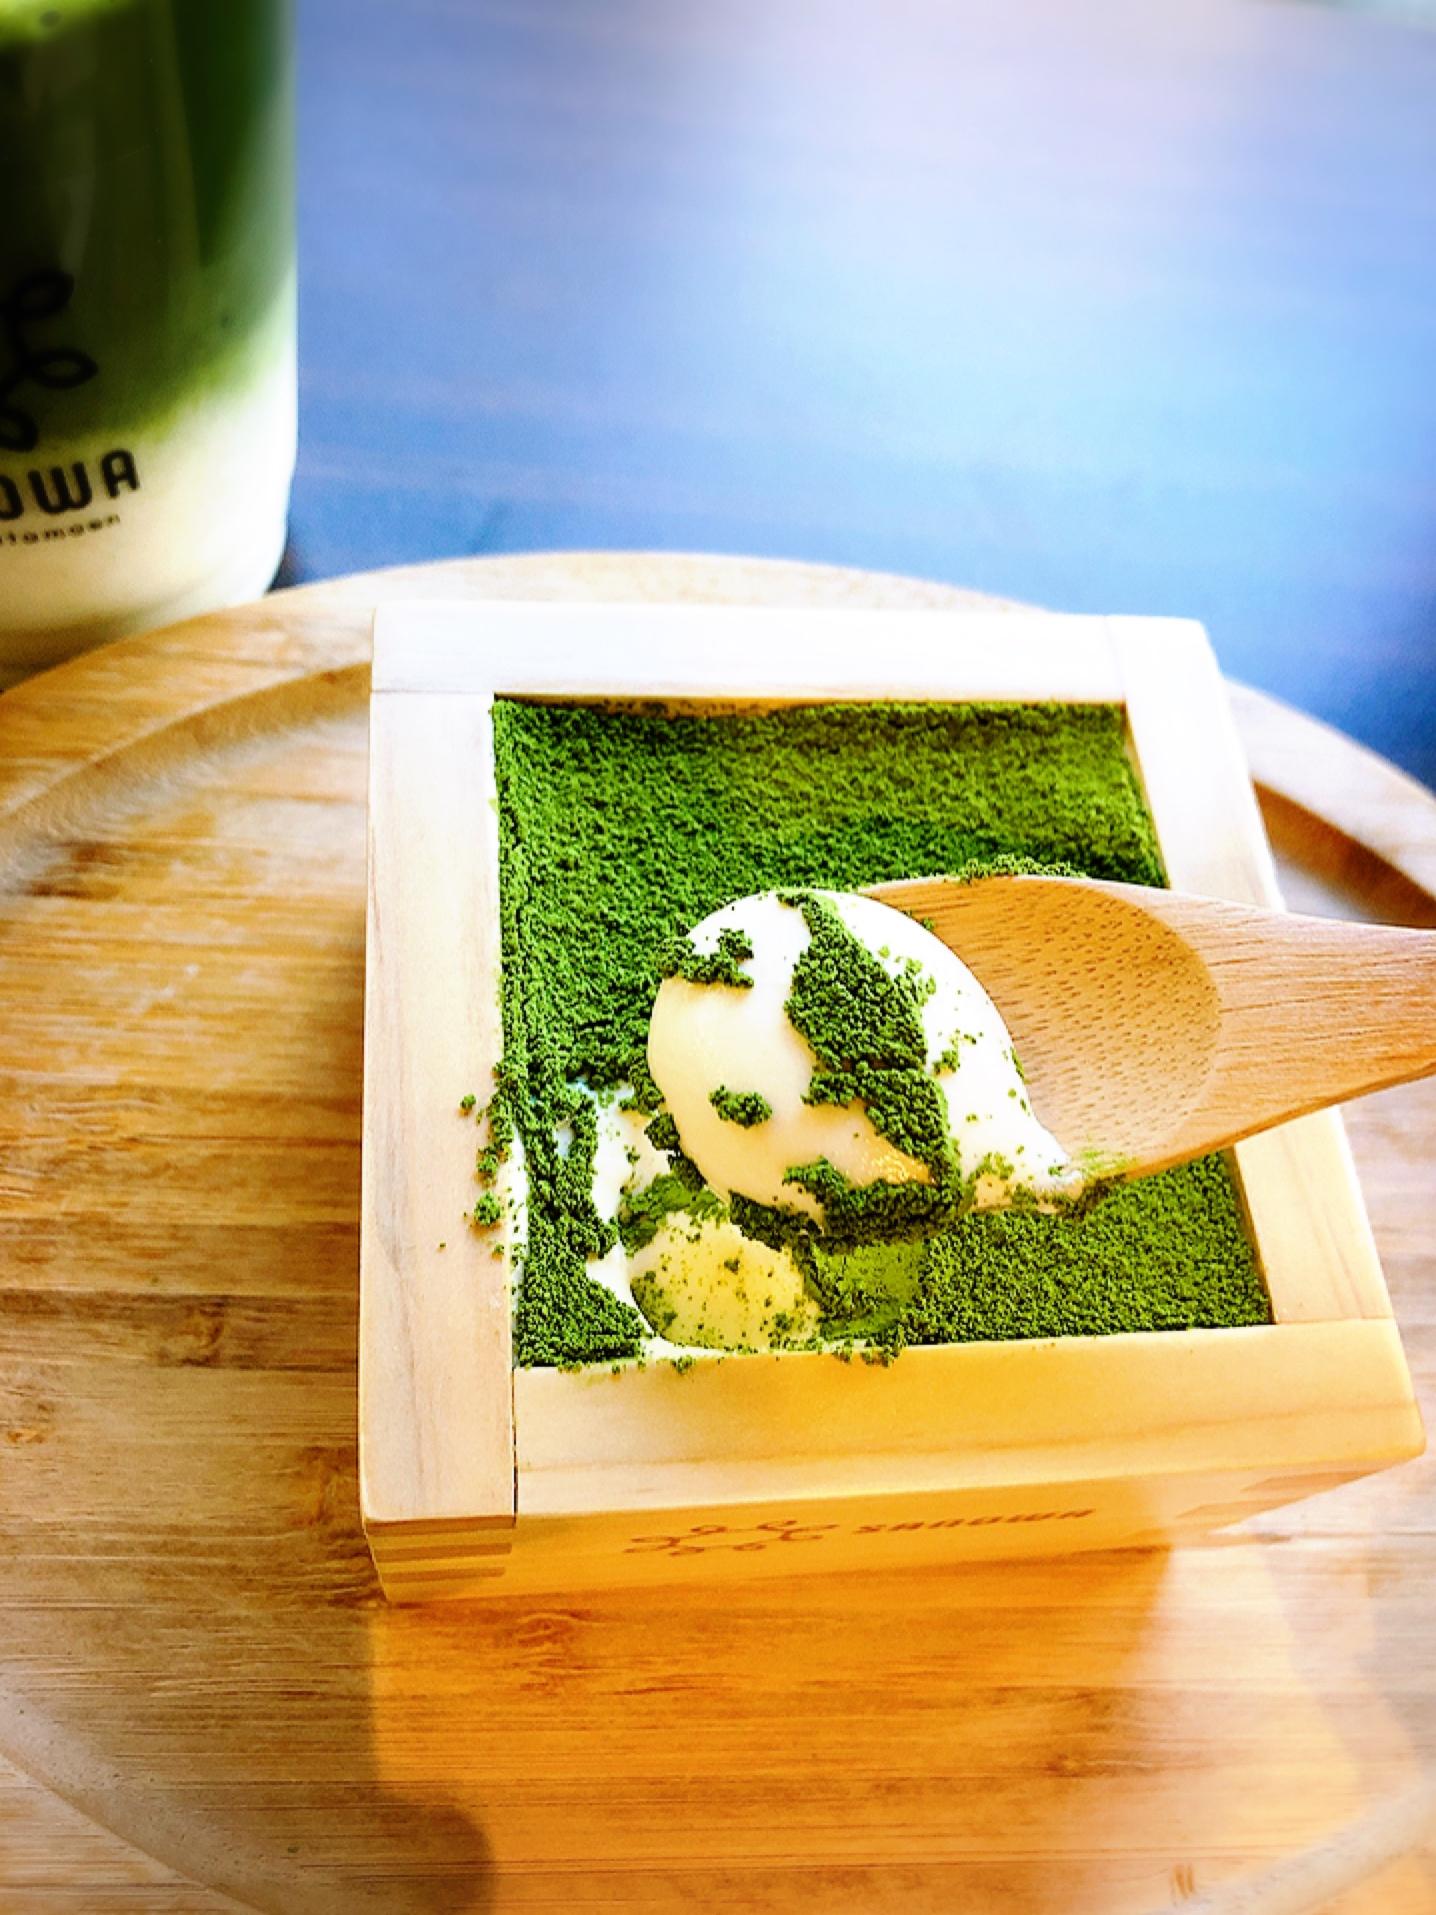 【#静岡】 ターゲットはMORE世代女子♩老舗お茶屋さんがプロデュースの濃厚抹茶スイーツがどれも超オススメ❁_7